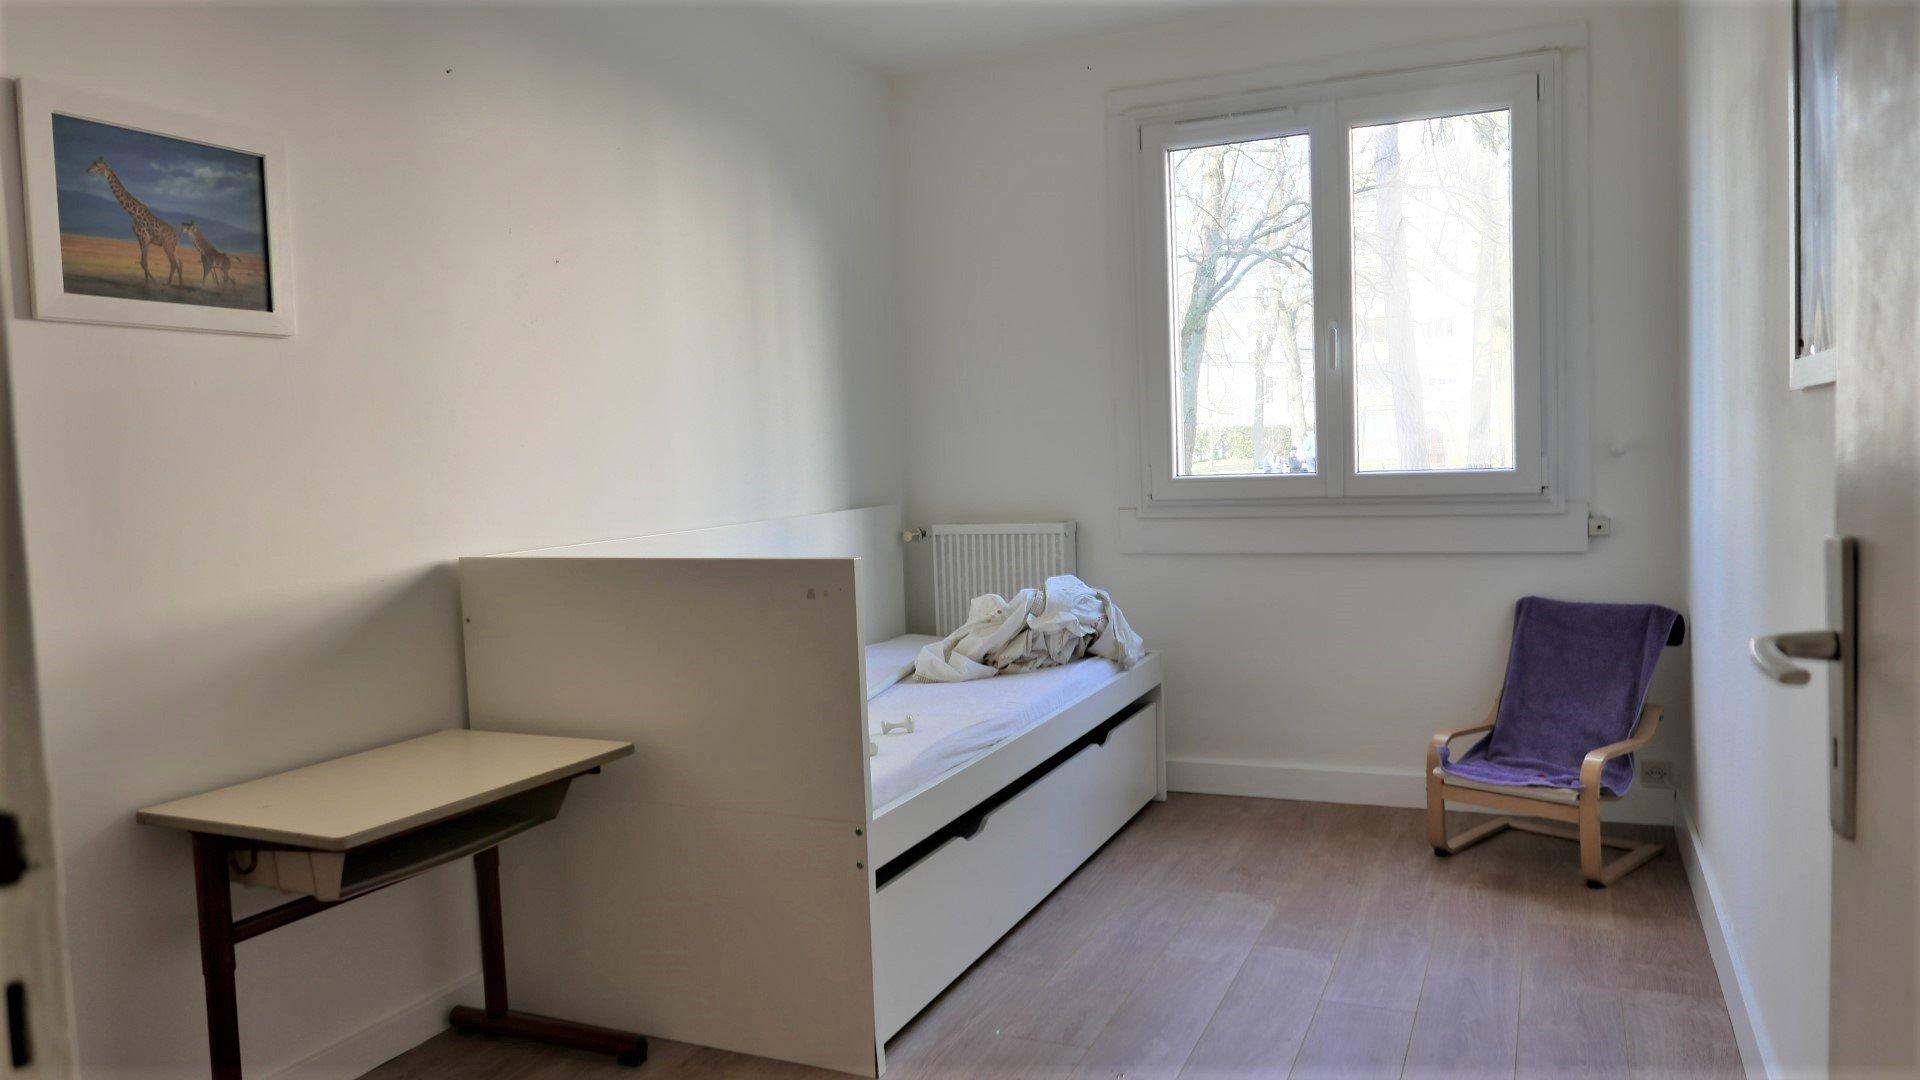 Achat Appartement, Surface de 86.48 m², 4 pièces, Sainte-Foy-lès-Lyon (69110)